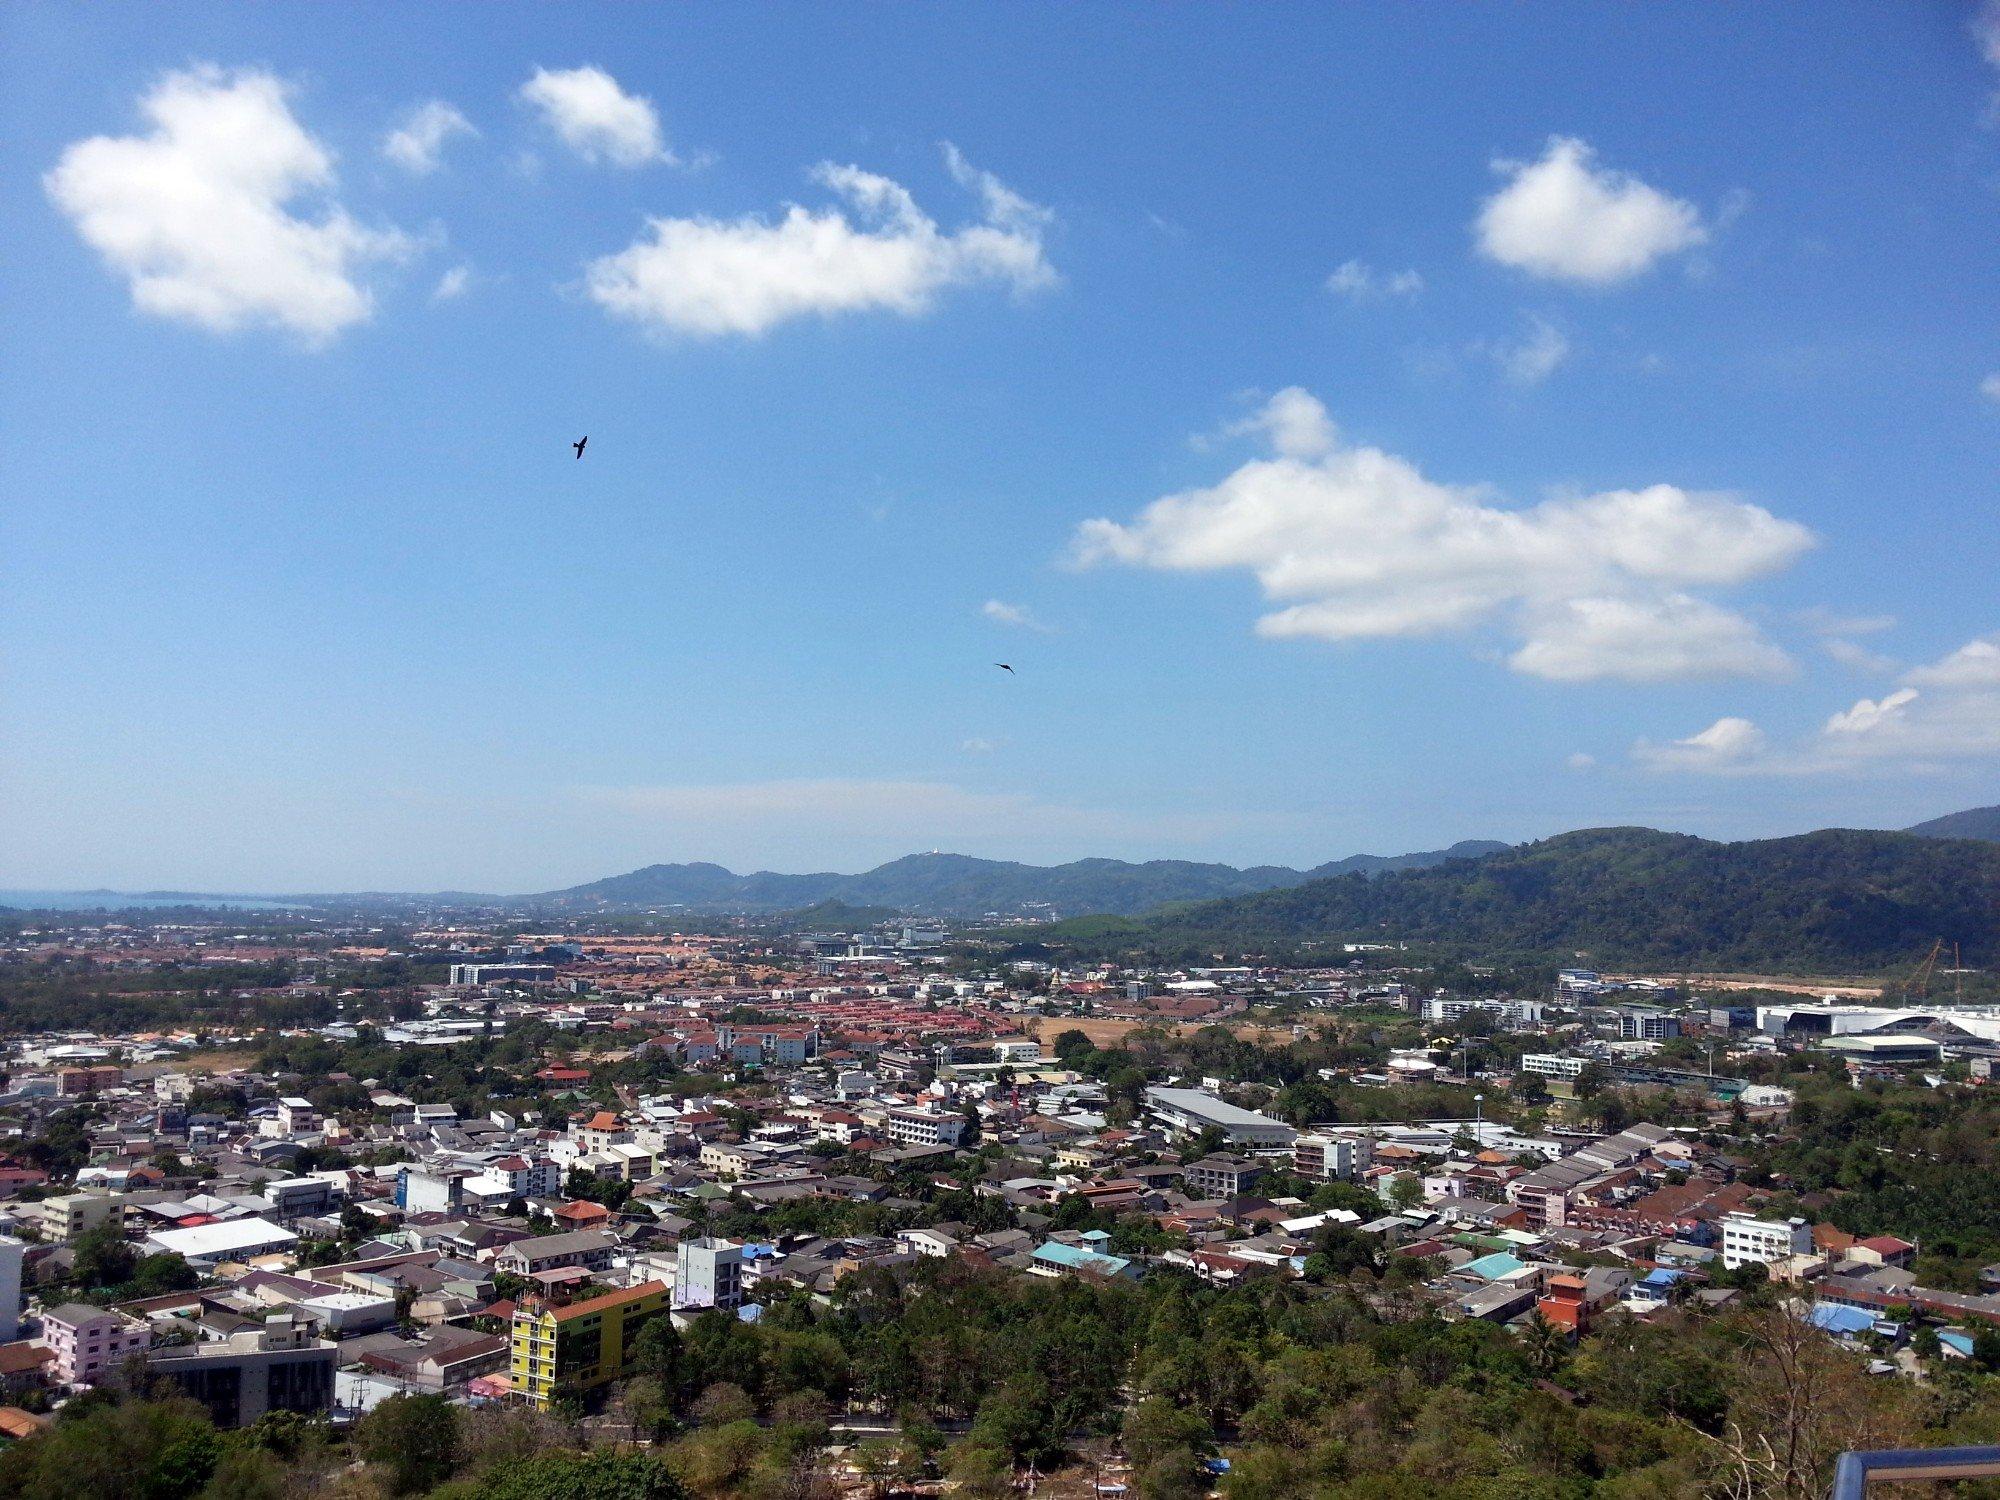 Rang Hill Viewpoint in Phuket